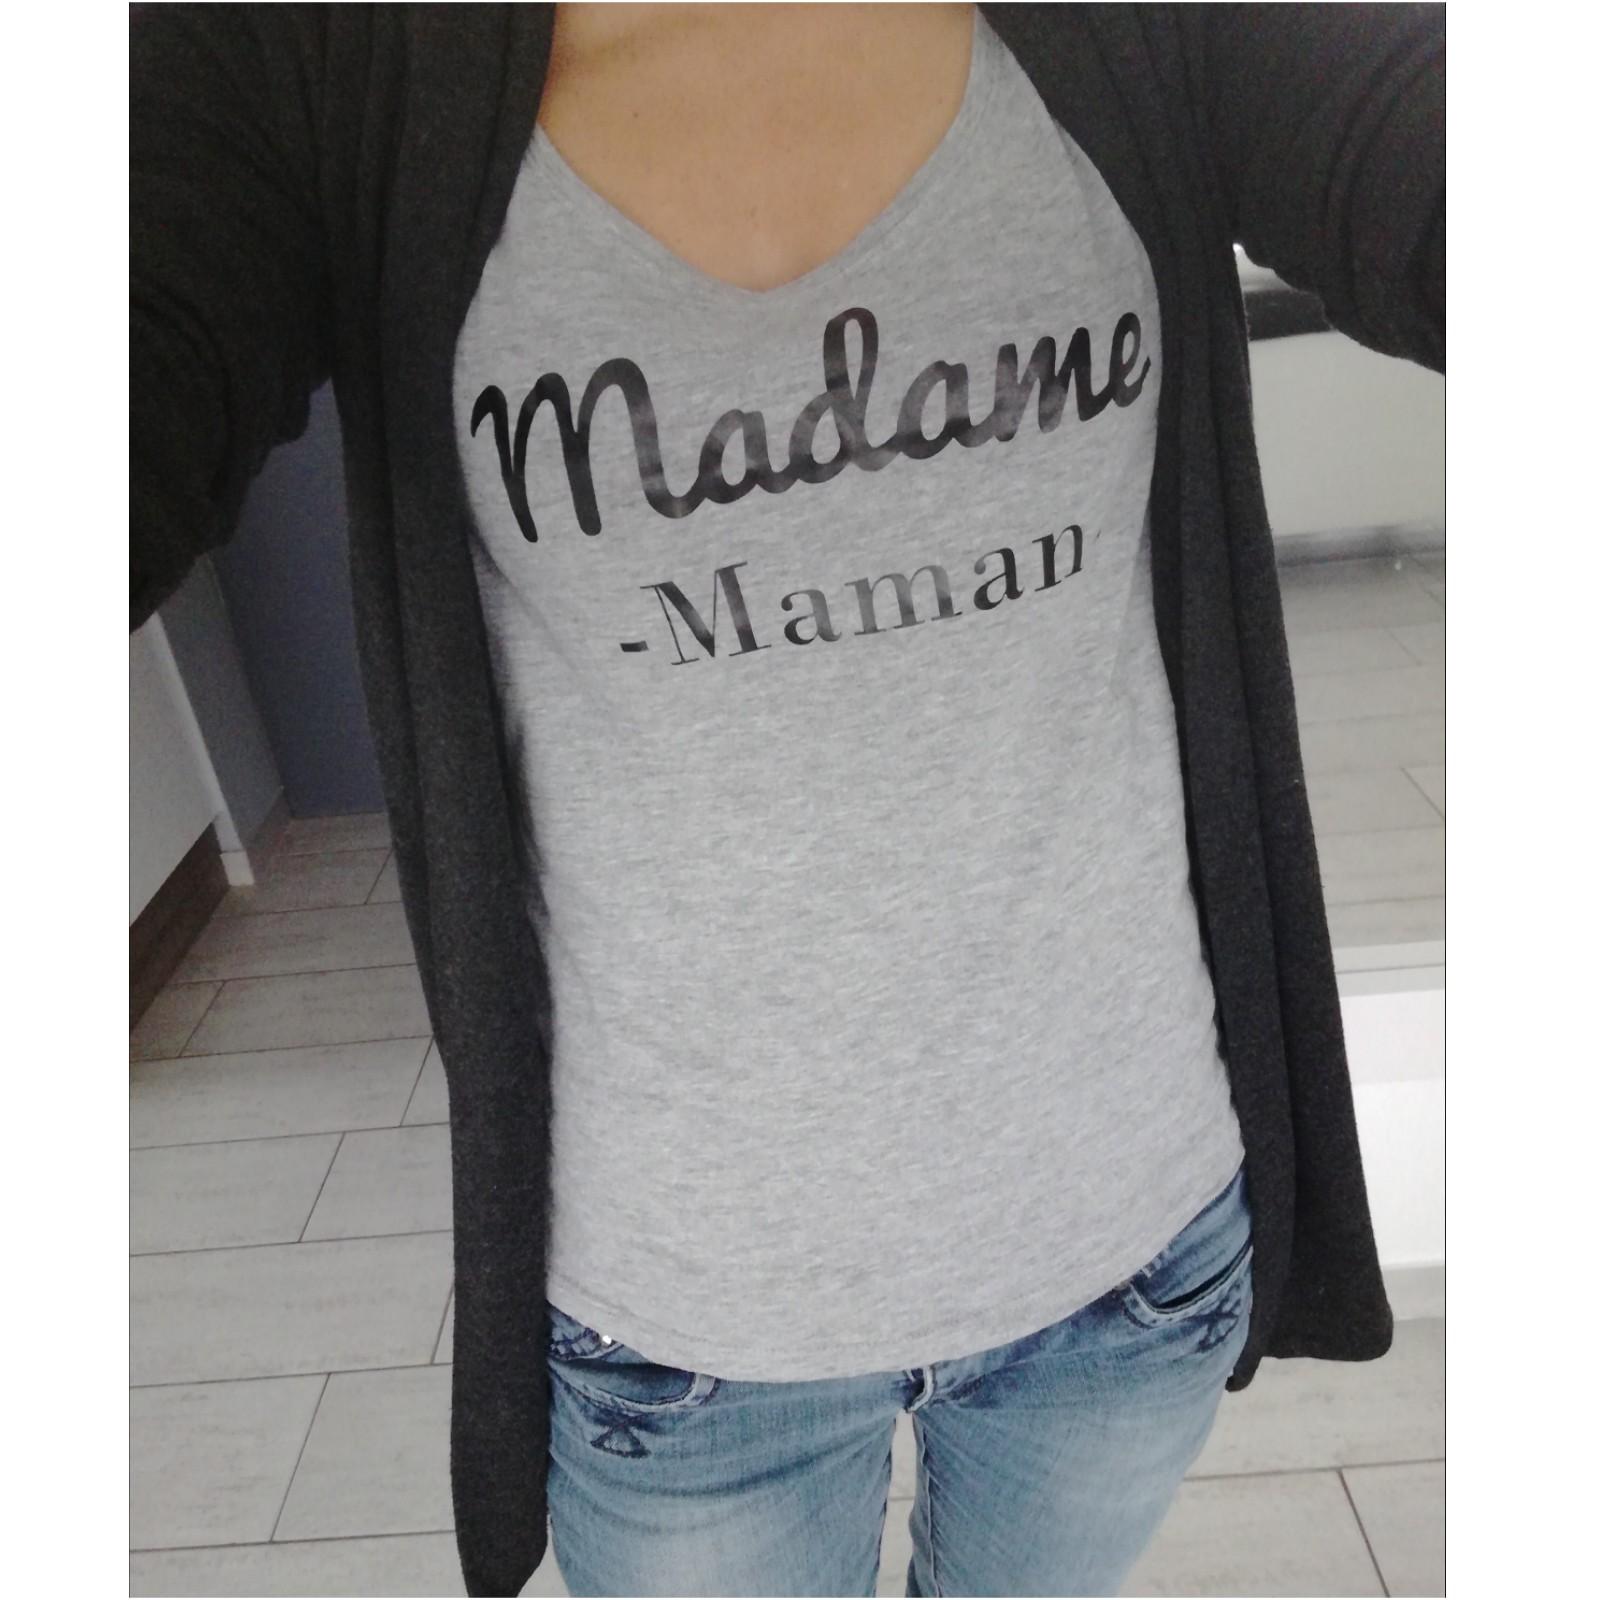 Madame maman